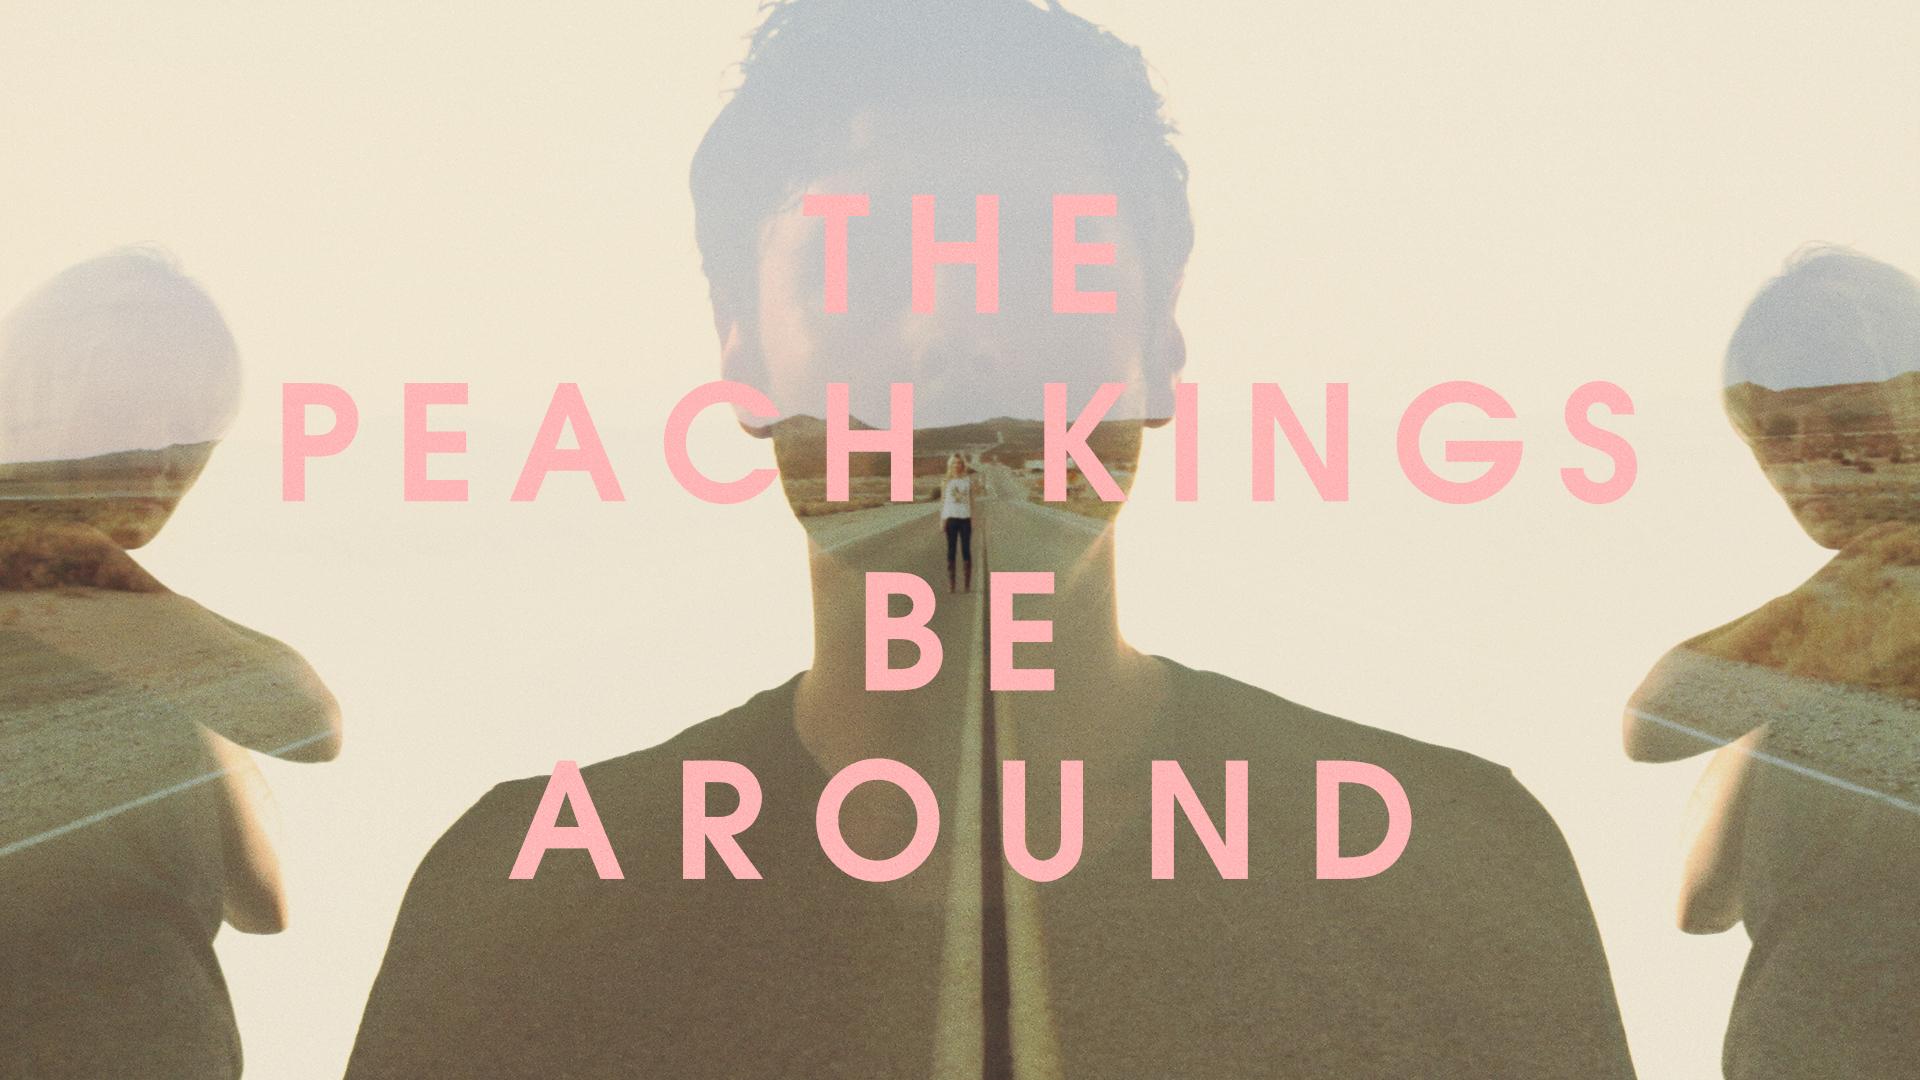 Peach Kings - Be Around - Image 10.jpg